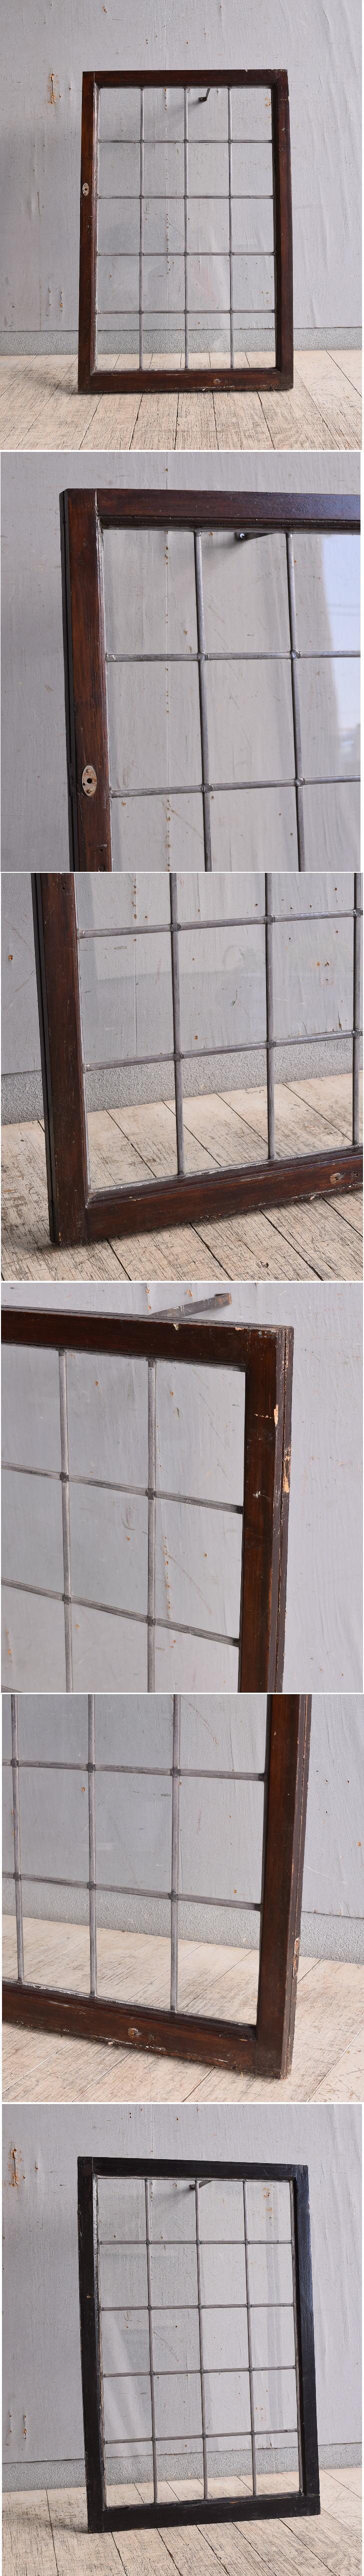 イギリス アンティーク 窓 無色透明 9767